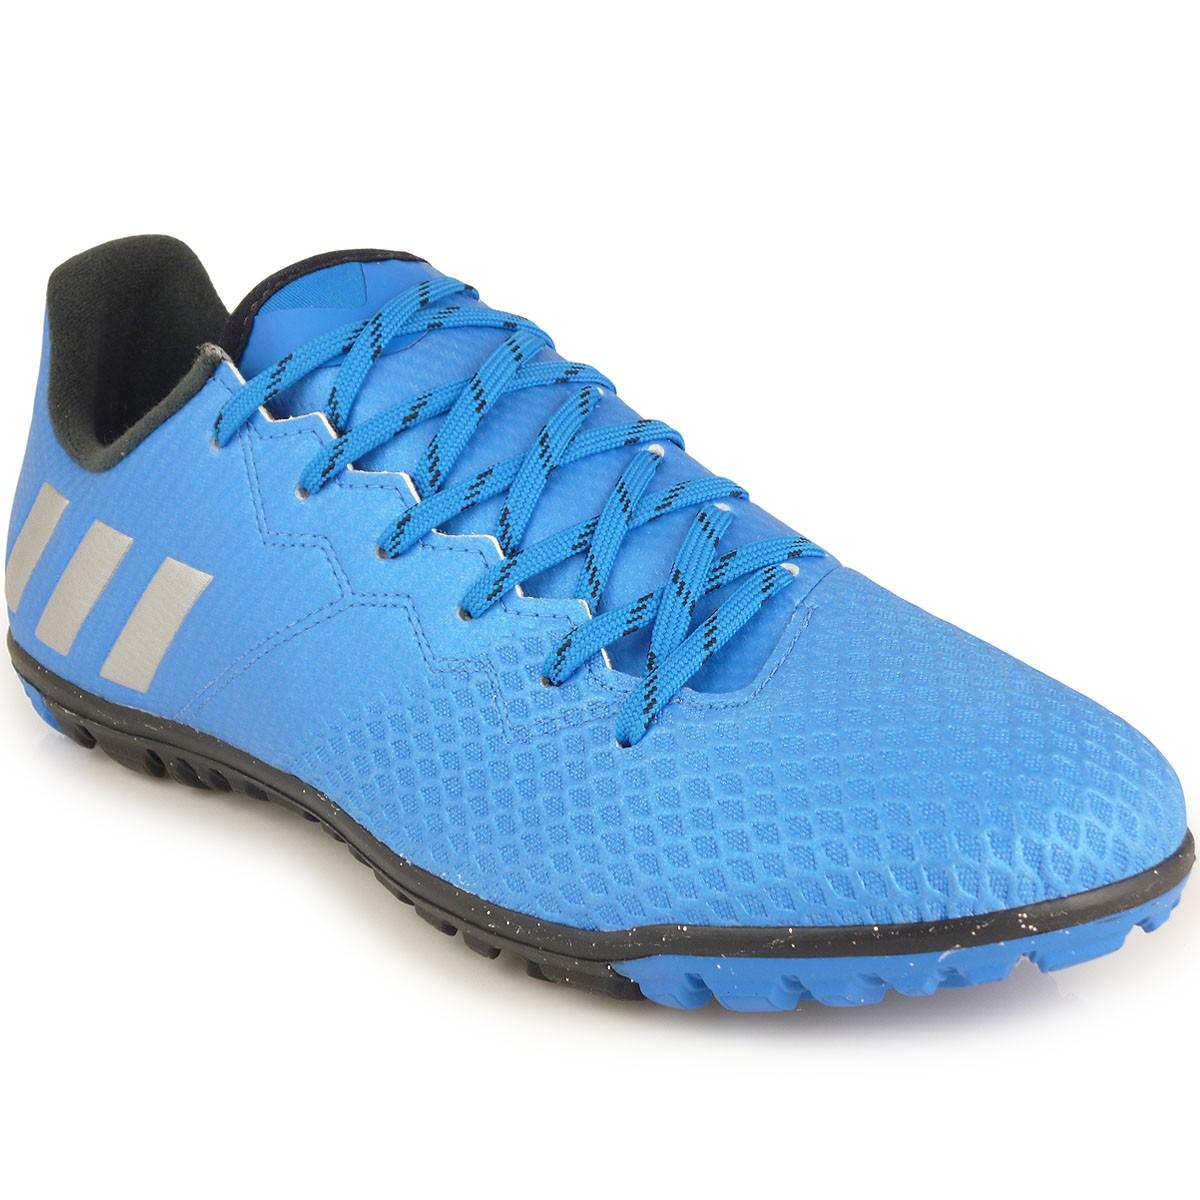 Chuteira Adidas Messi 16.3 TF  676e441d9ce3c